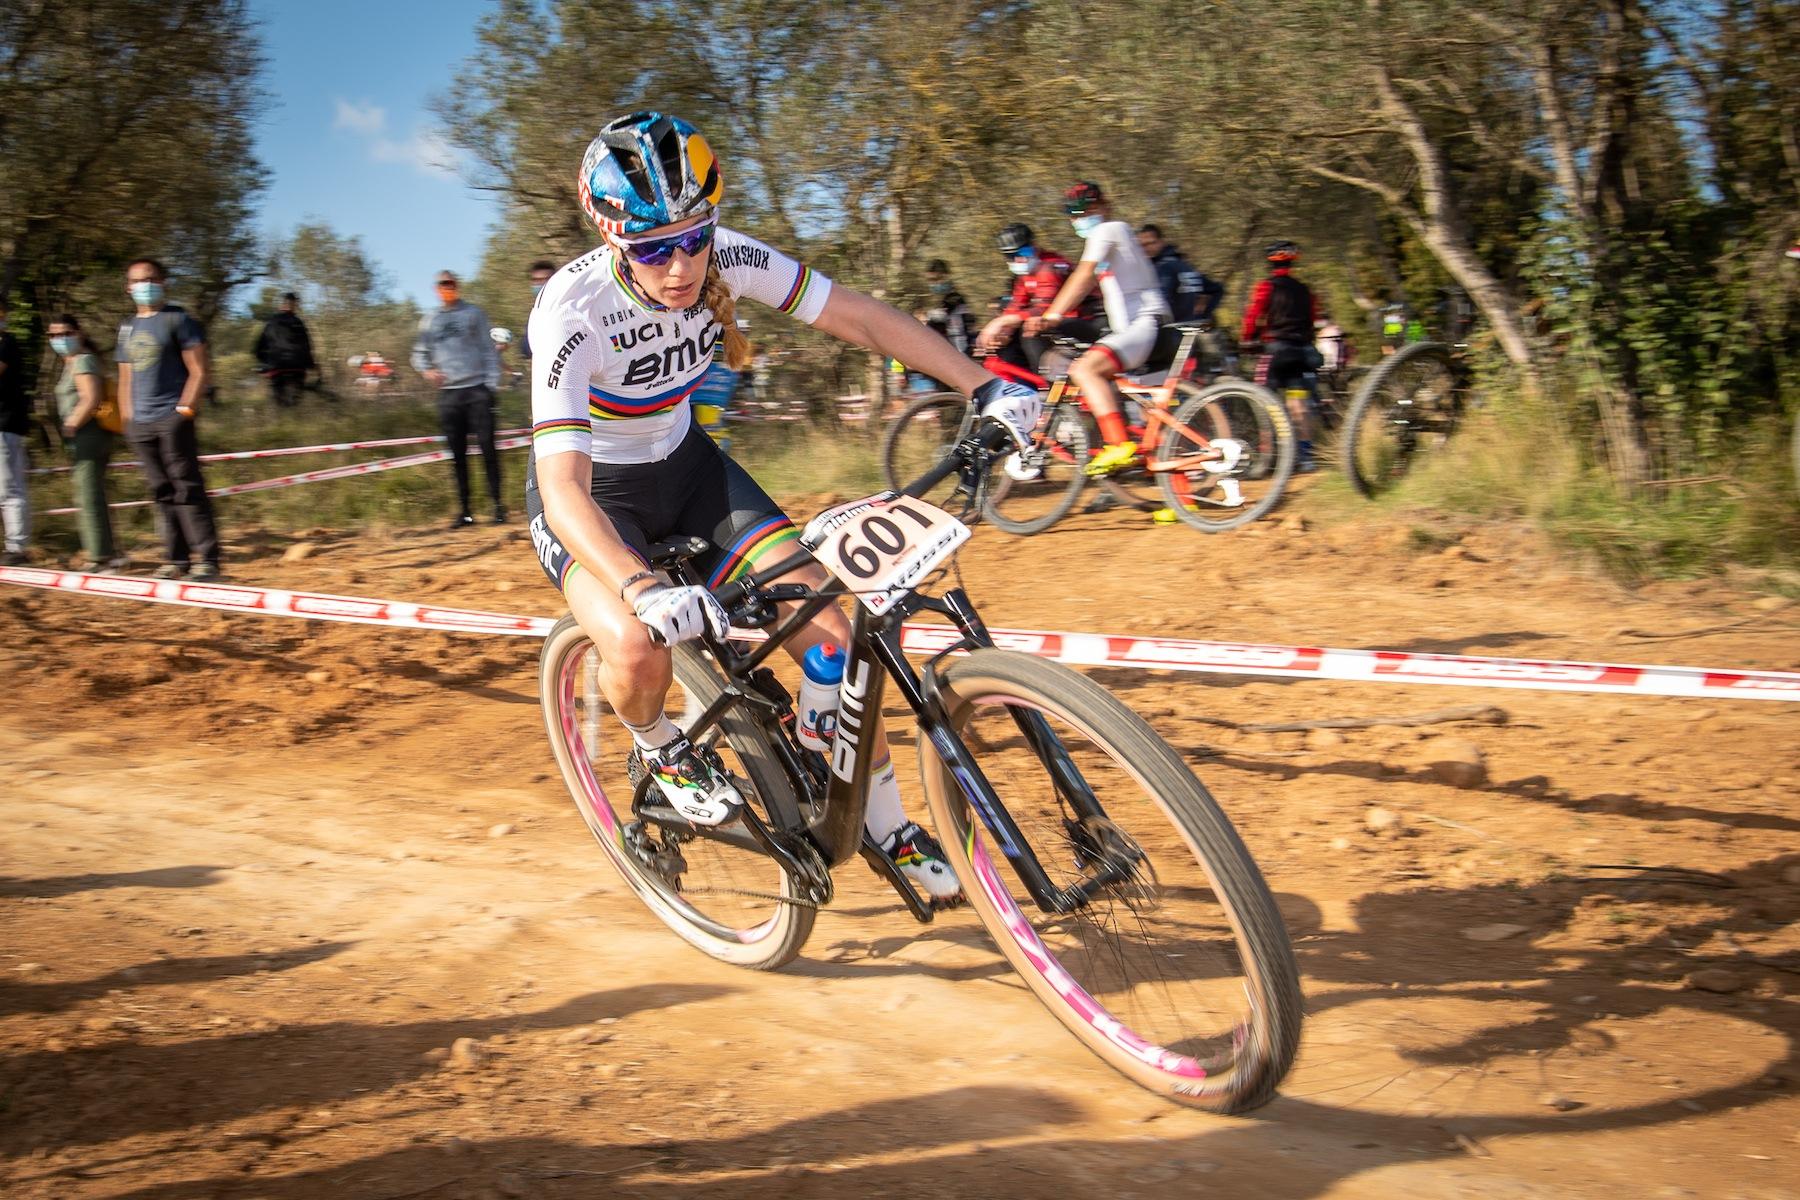 News aus der Mountainbike Cross-Country-Szene: Munter dreht sich das Fahrerkarussell